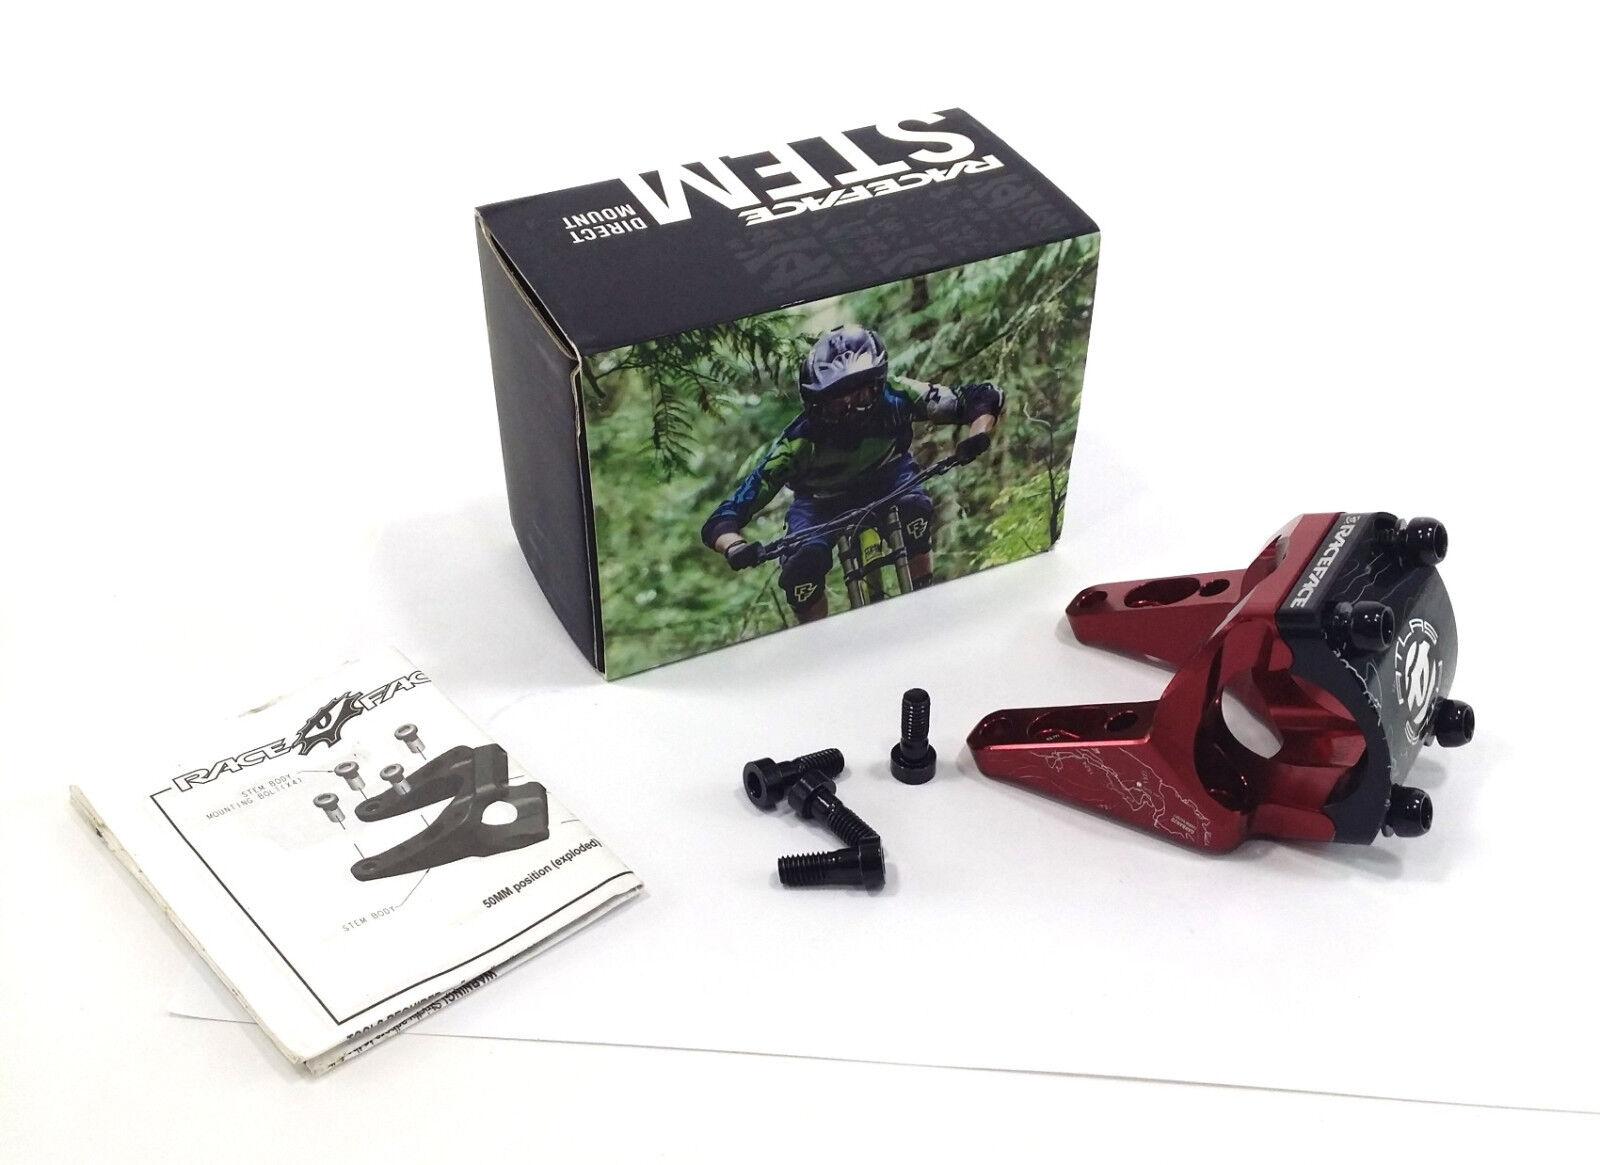 Bicicleta De Montaje Directo Atlas Race Face vástago - 30 50mm X 31.8mm Rojo Bicicleta De Montaña descenso am